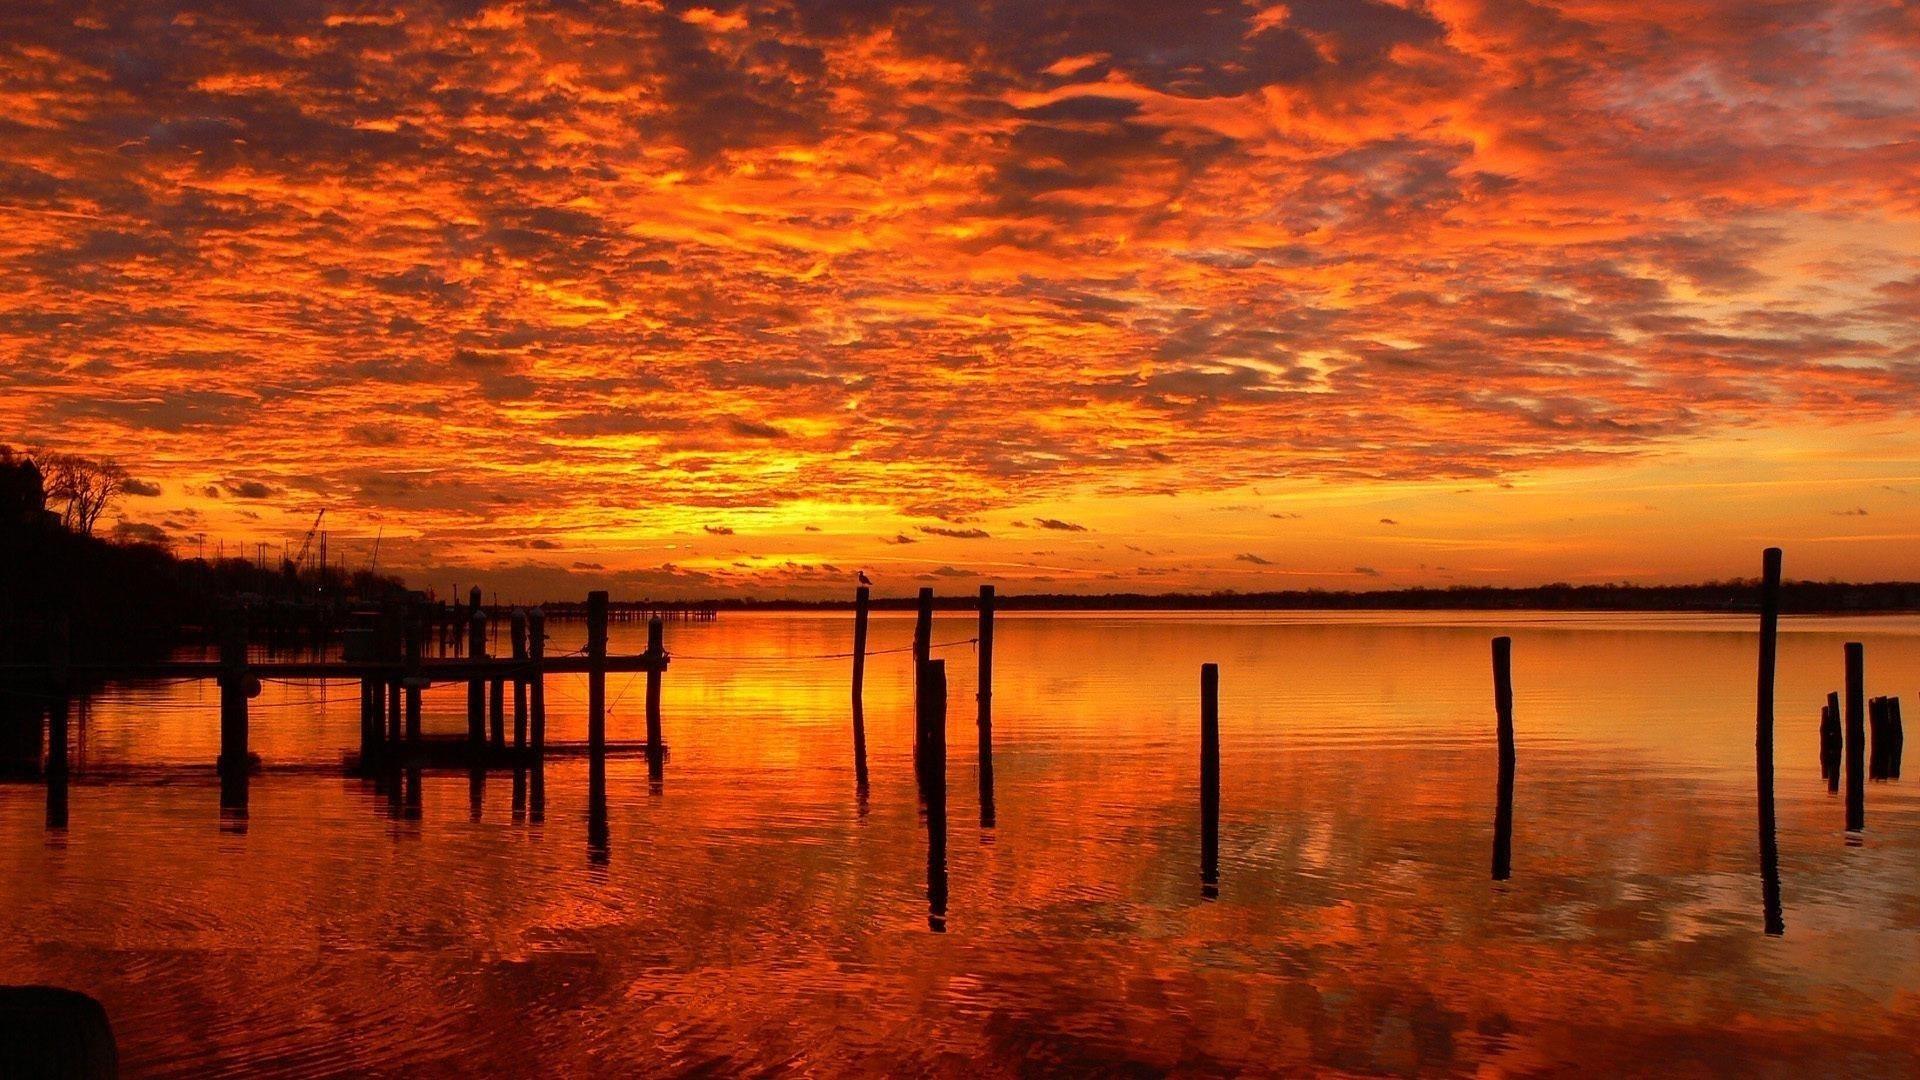 Закат порт озеро огненное небо желтые красные облака отражение природы обои скачать